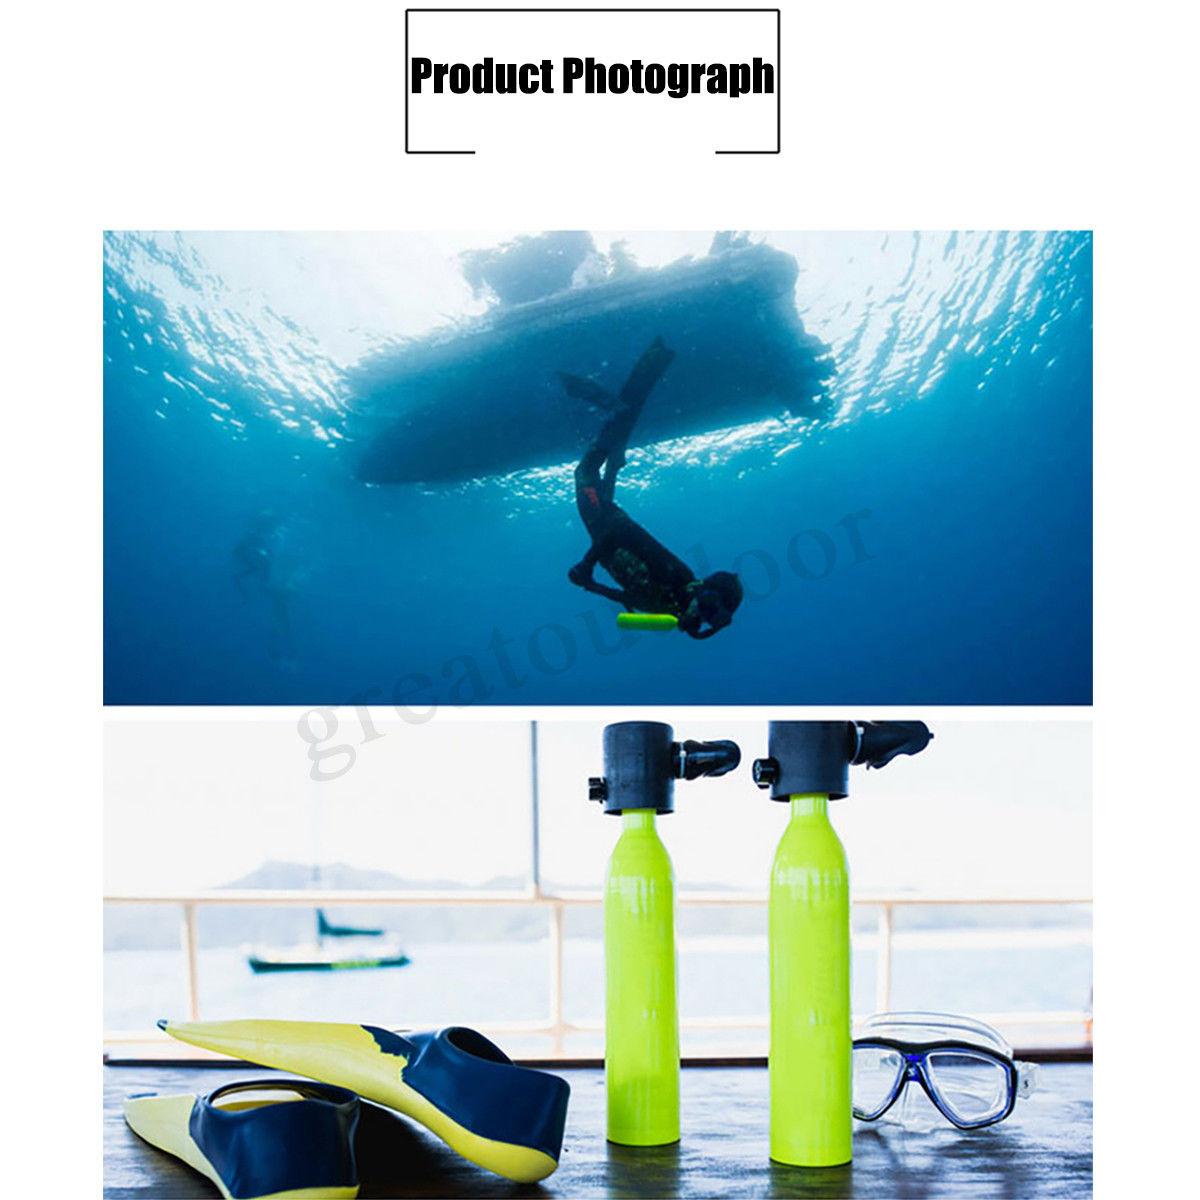 Mini réservoir de plongée 2018 0.5L Mini réservoir de plongée sous-marine jaune Mini équipement de plongée plongeur